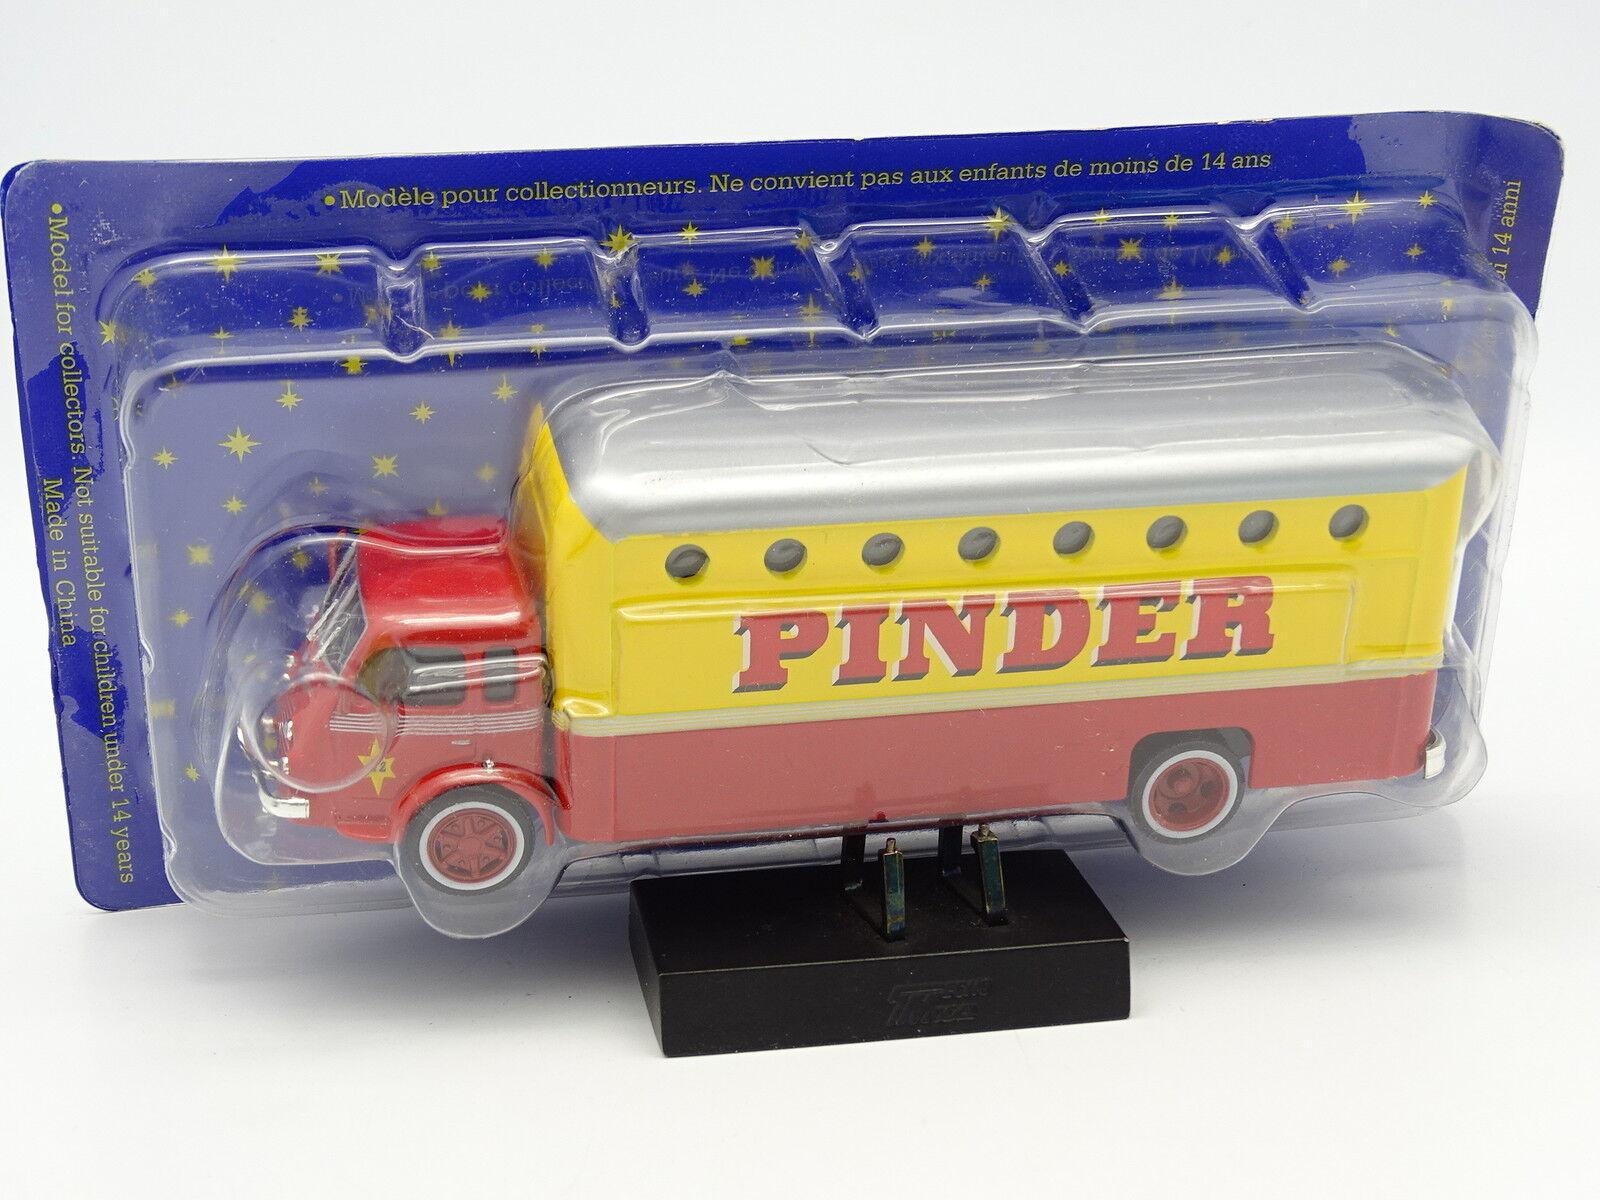 Altaya Circo Pinder 1 64 - Renault R 4220 4220 4220 camión habitación green 7605b5